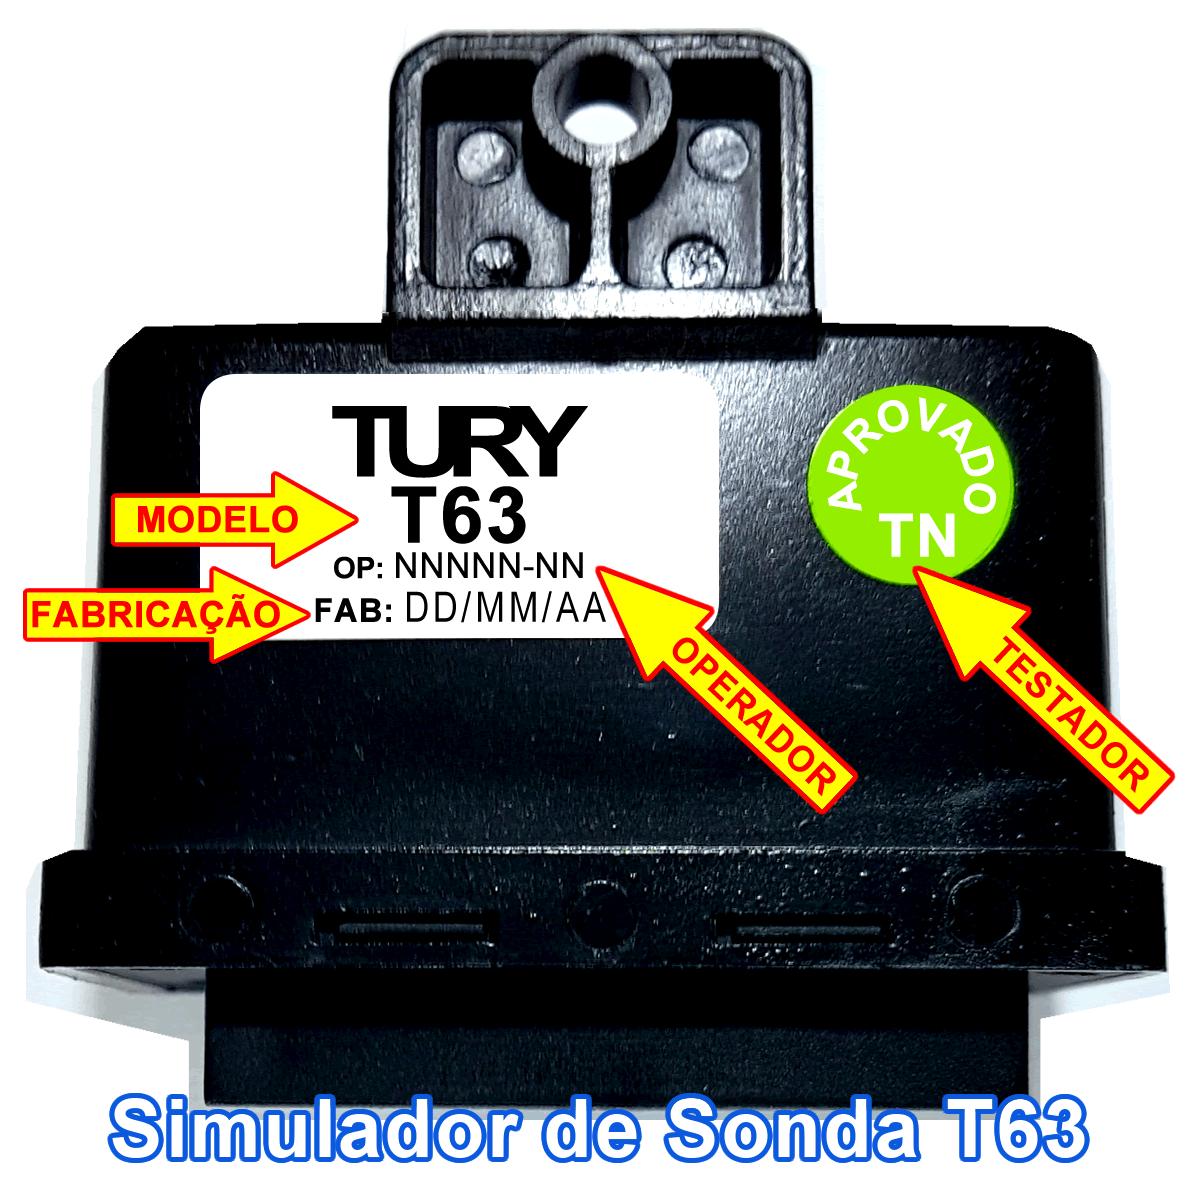 06 Simuladores de Sonda Universal TURY T63 Preço de Revenda